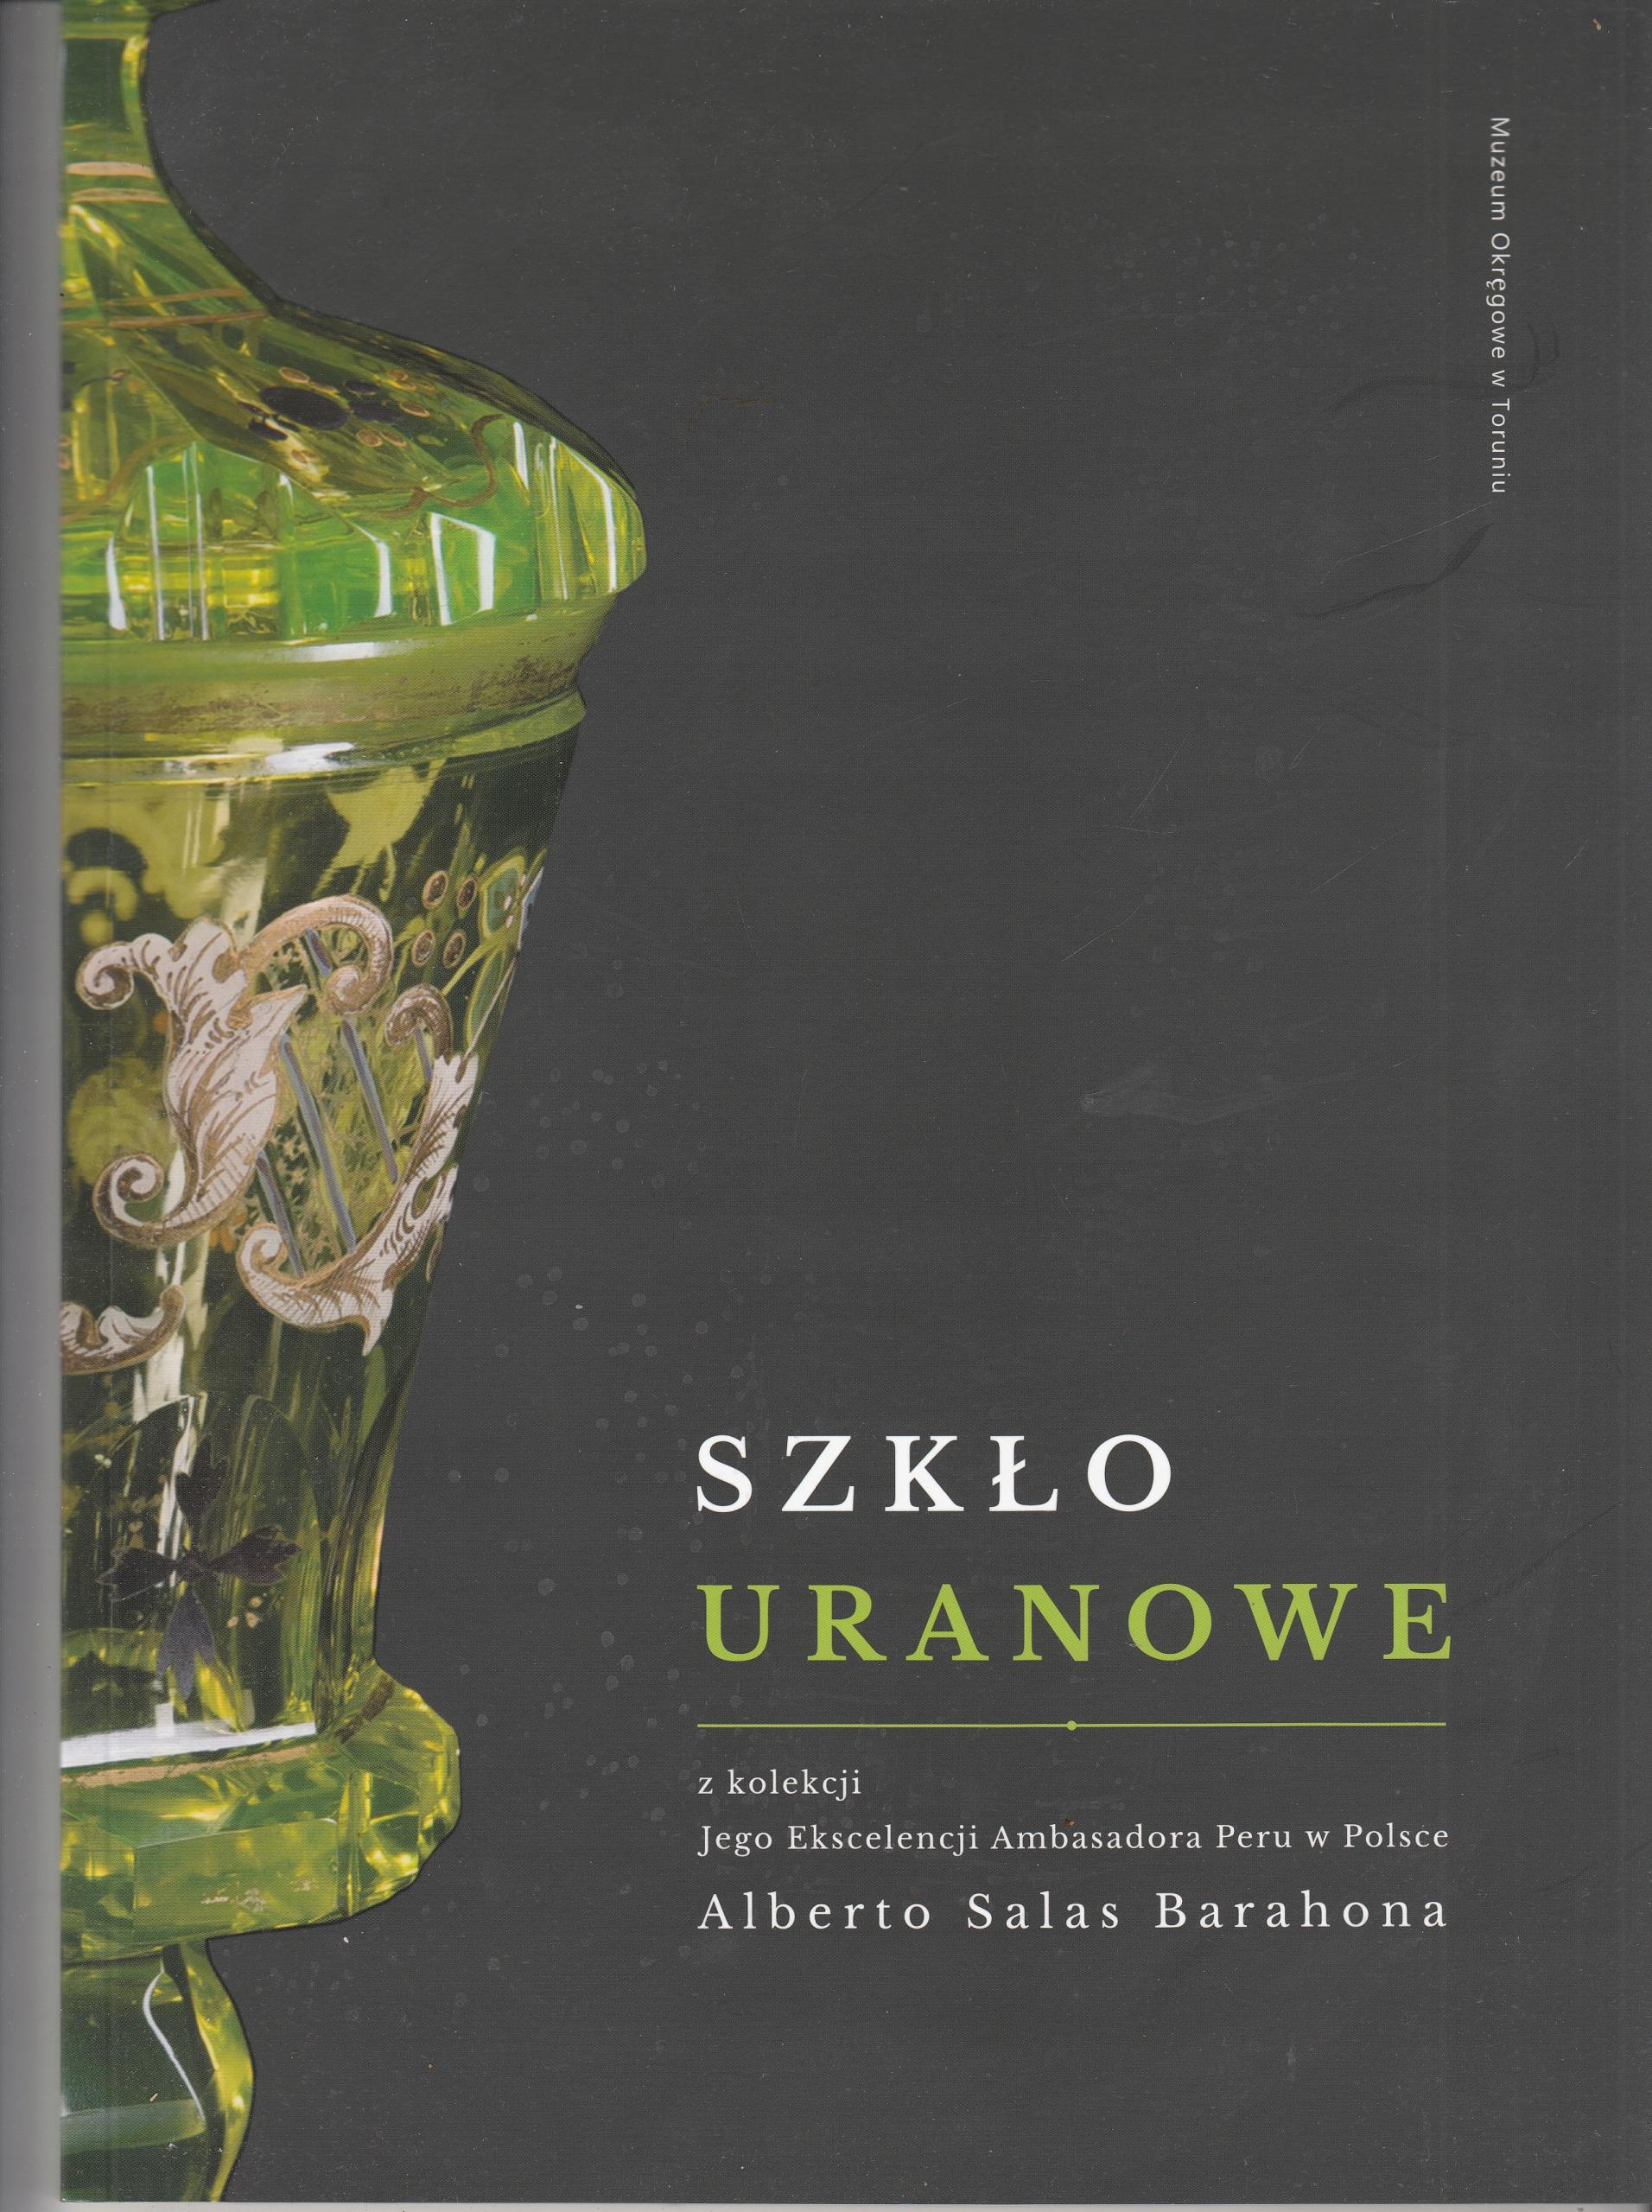 Урановое стекло из коллекции посла Перу в Польше